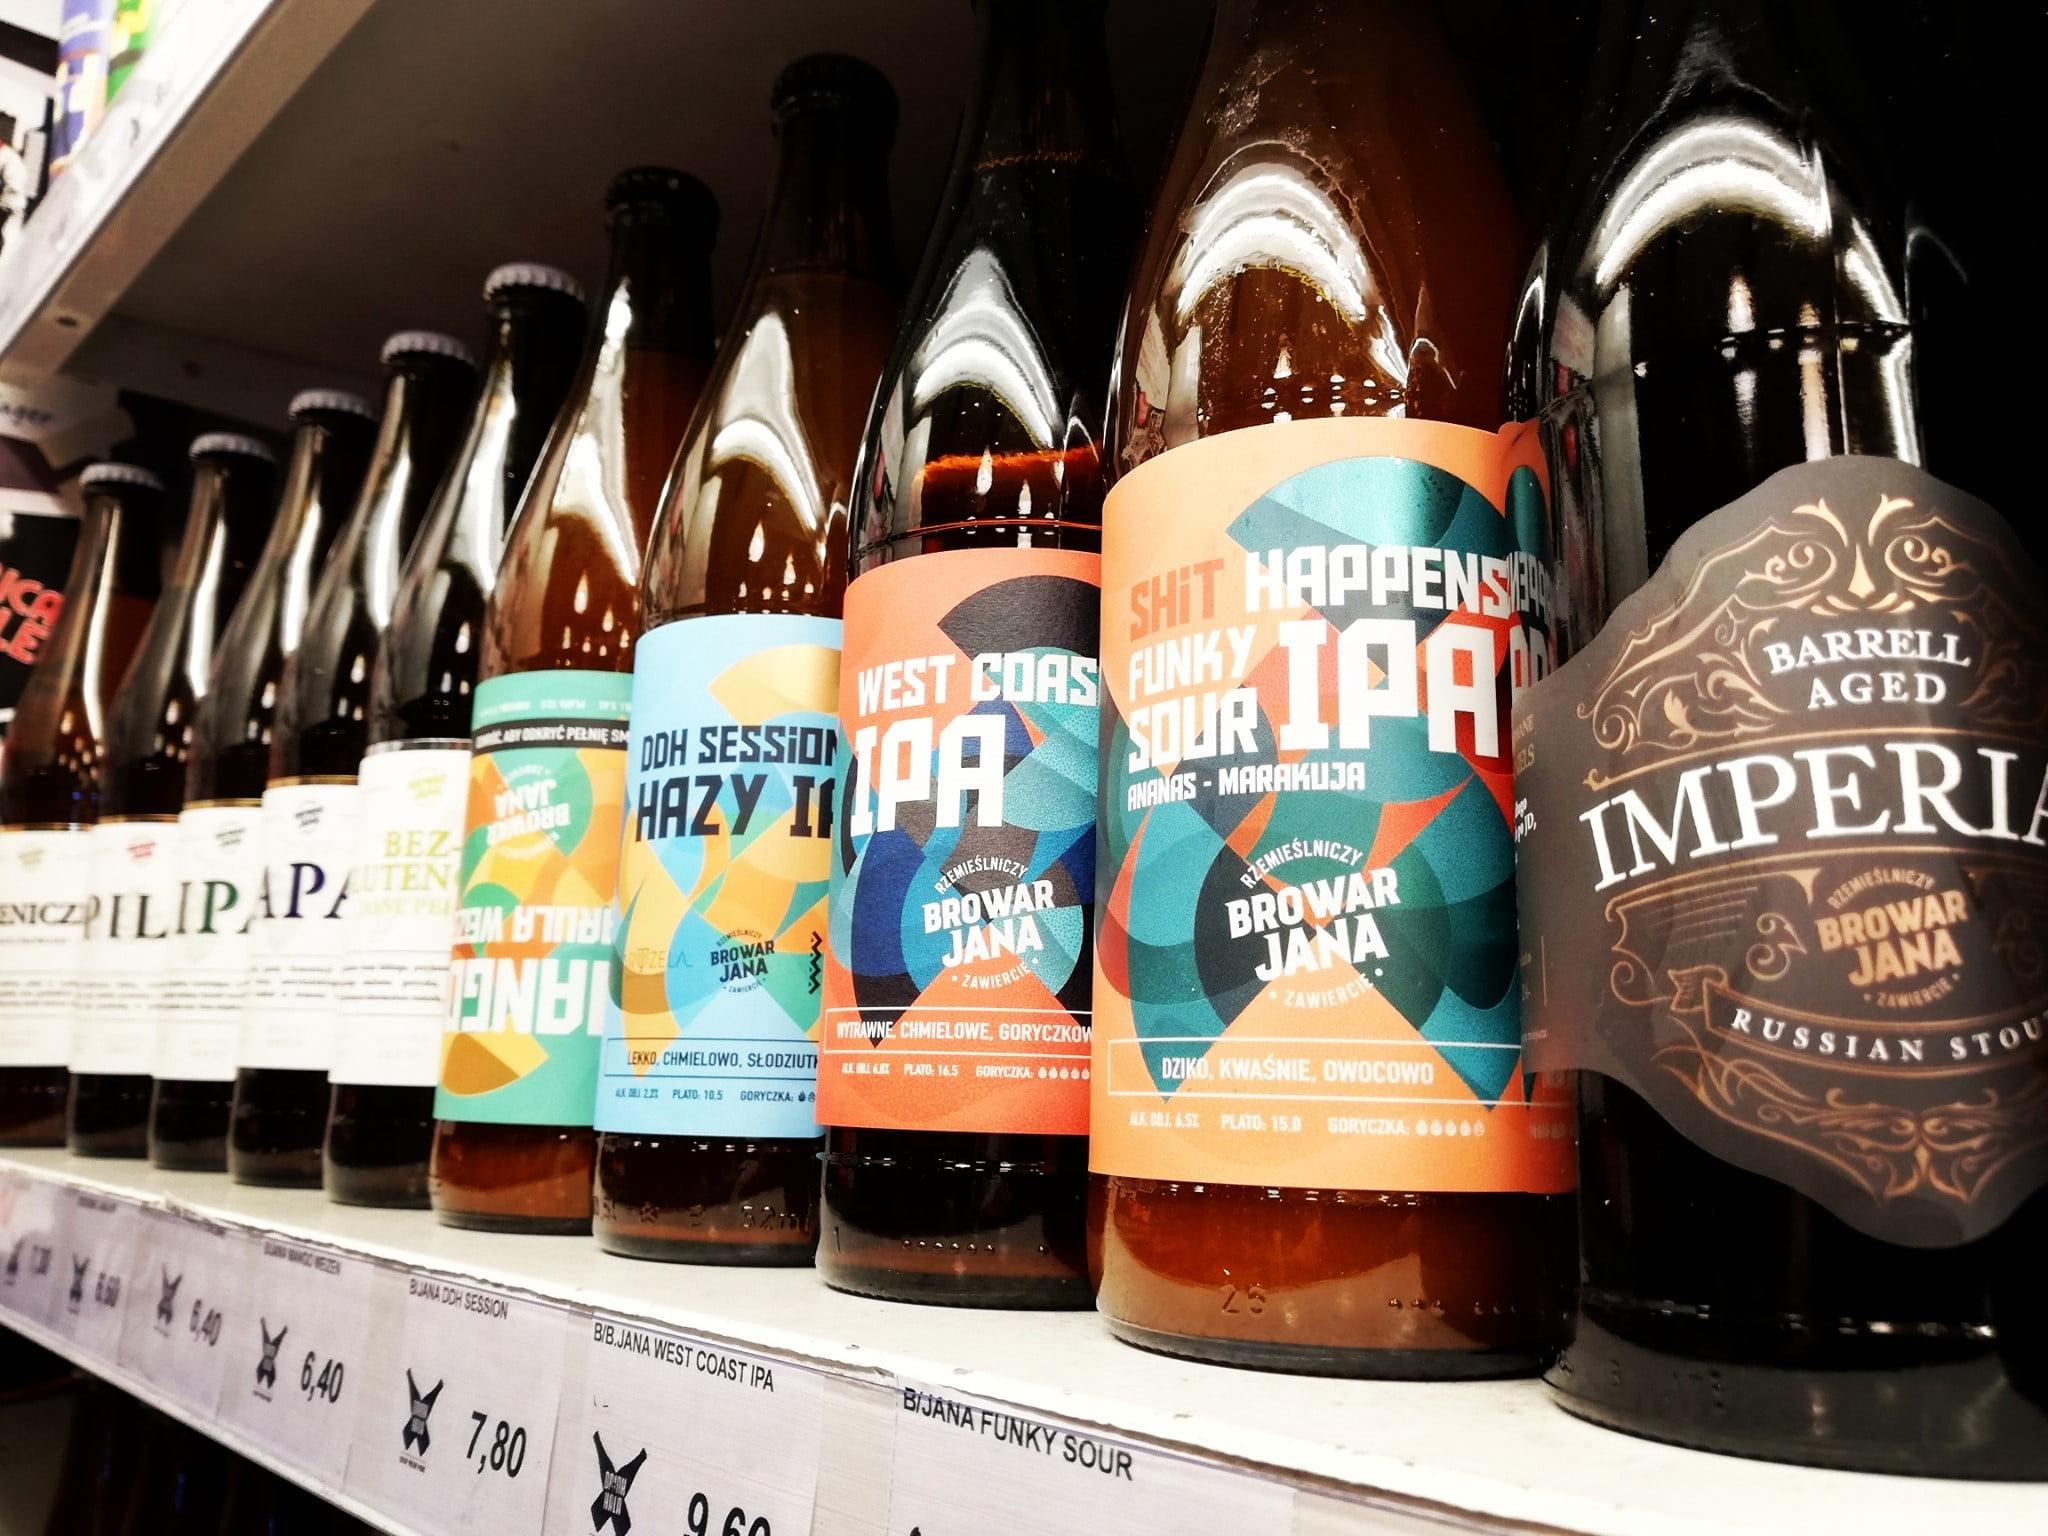 Nowatorski sposób tworzenia piwa. Browar Jana uwarzył piwo wraz zfanami